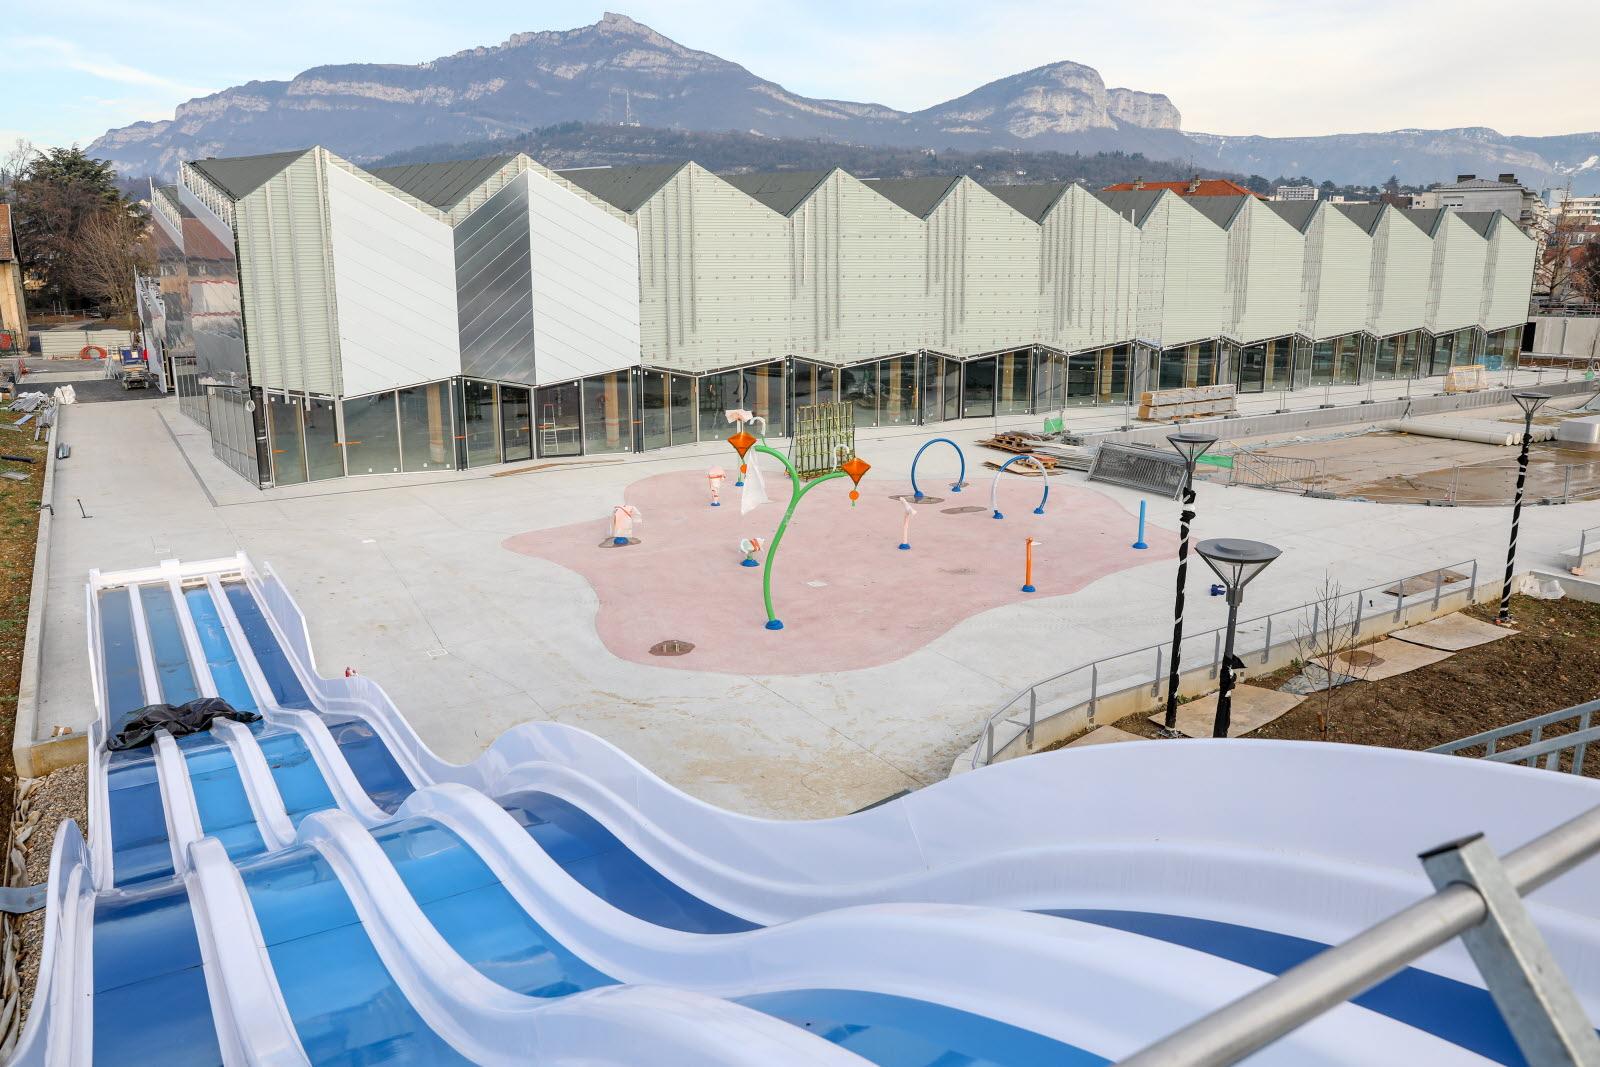 Savoie | À Quoi Ressemble La Nouvelle Piscine De Chambéry ? pour Piscine Chambery